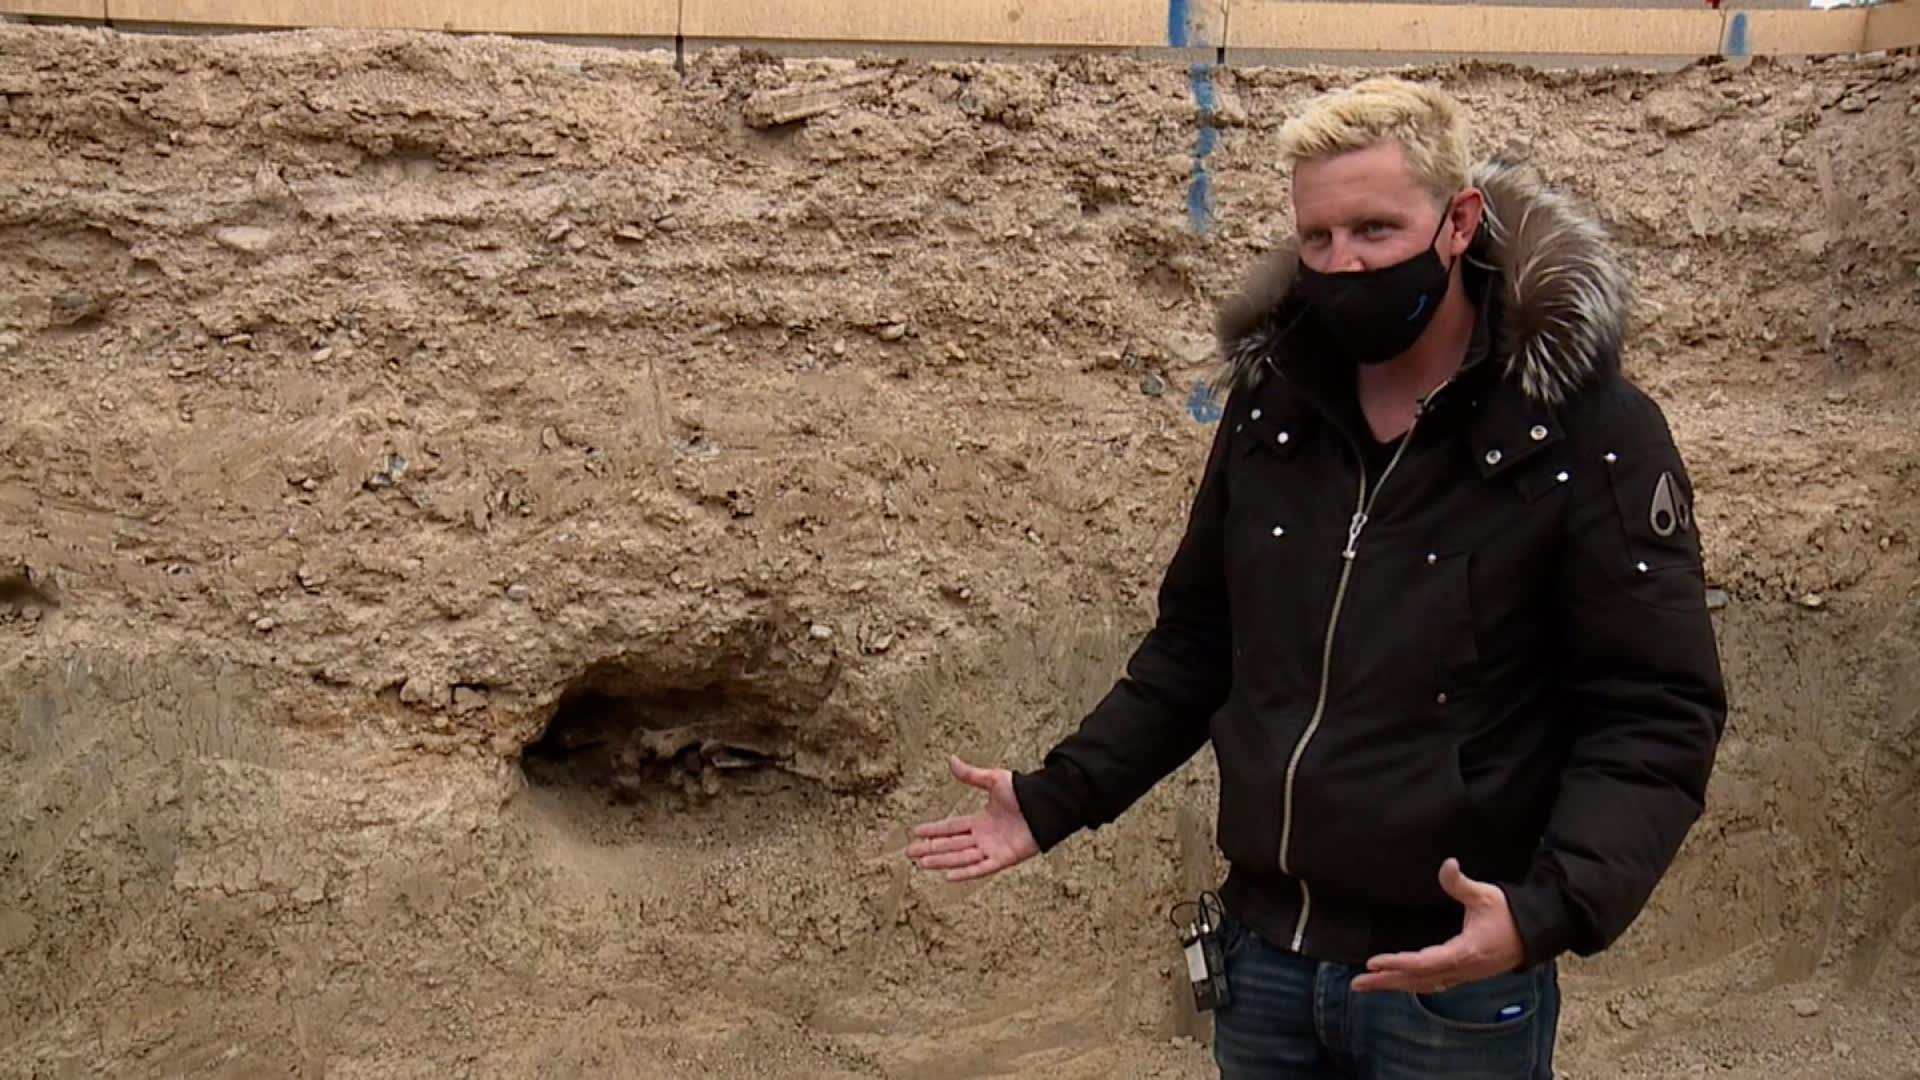 اكتشاف لأحفورة من العصر الجليدي يحول حمام السباحة الجديد لثنائي بأمريكا إلى موقع حفر